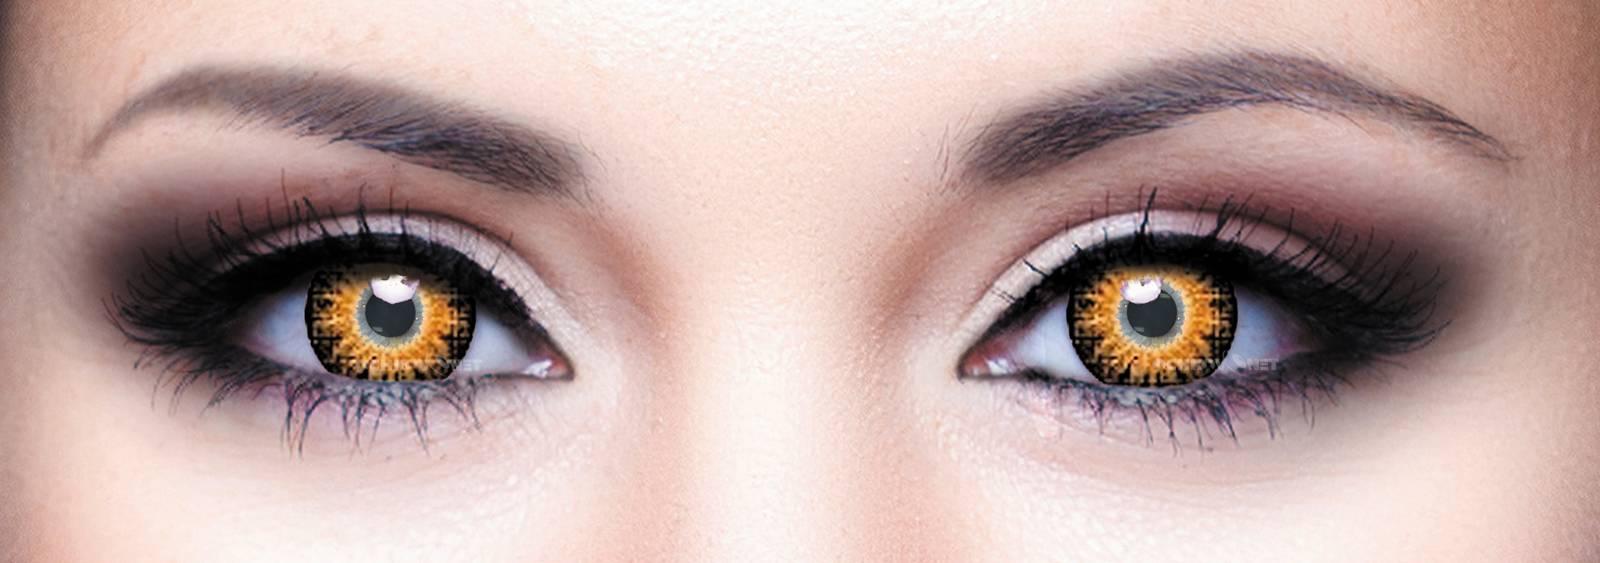 Вредны ли цветные линзы для глаз: какой вред?